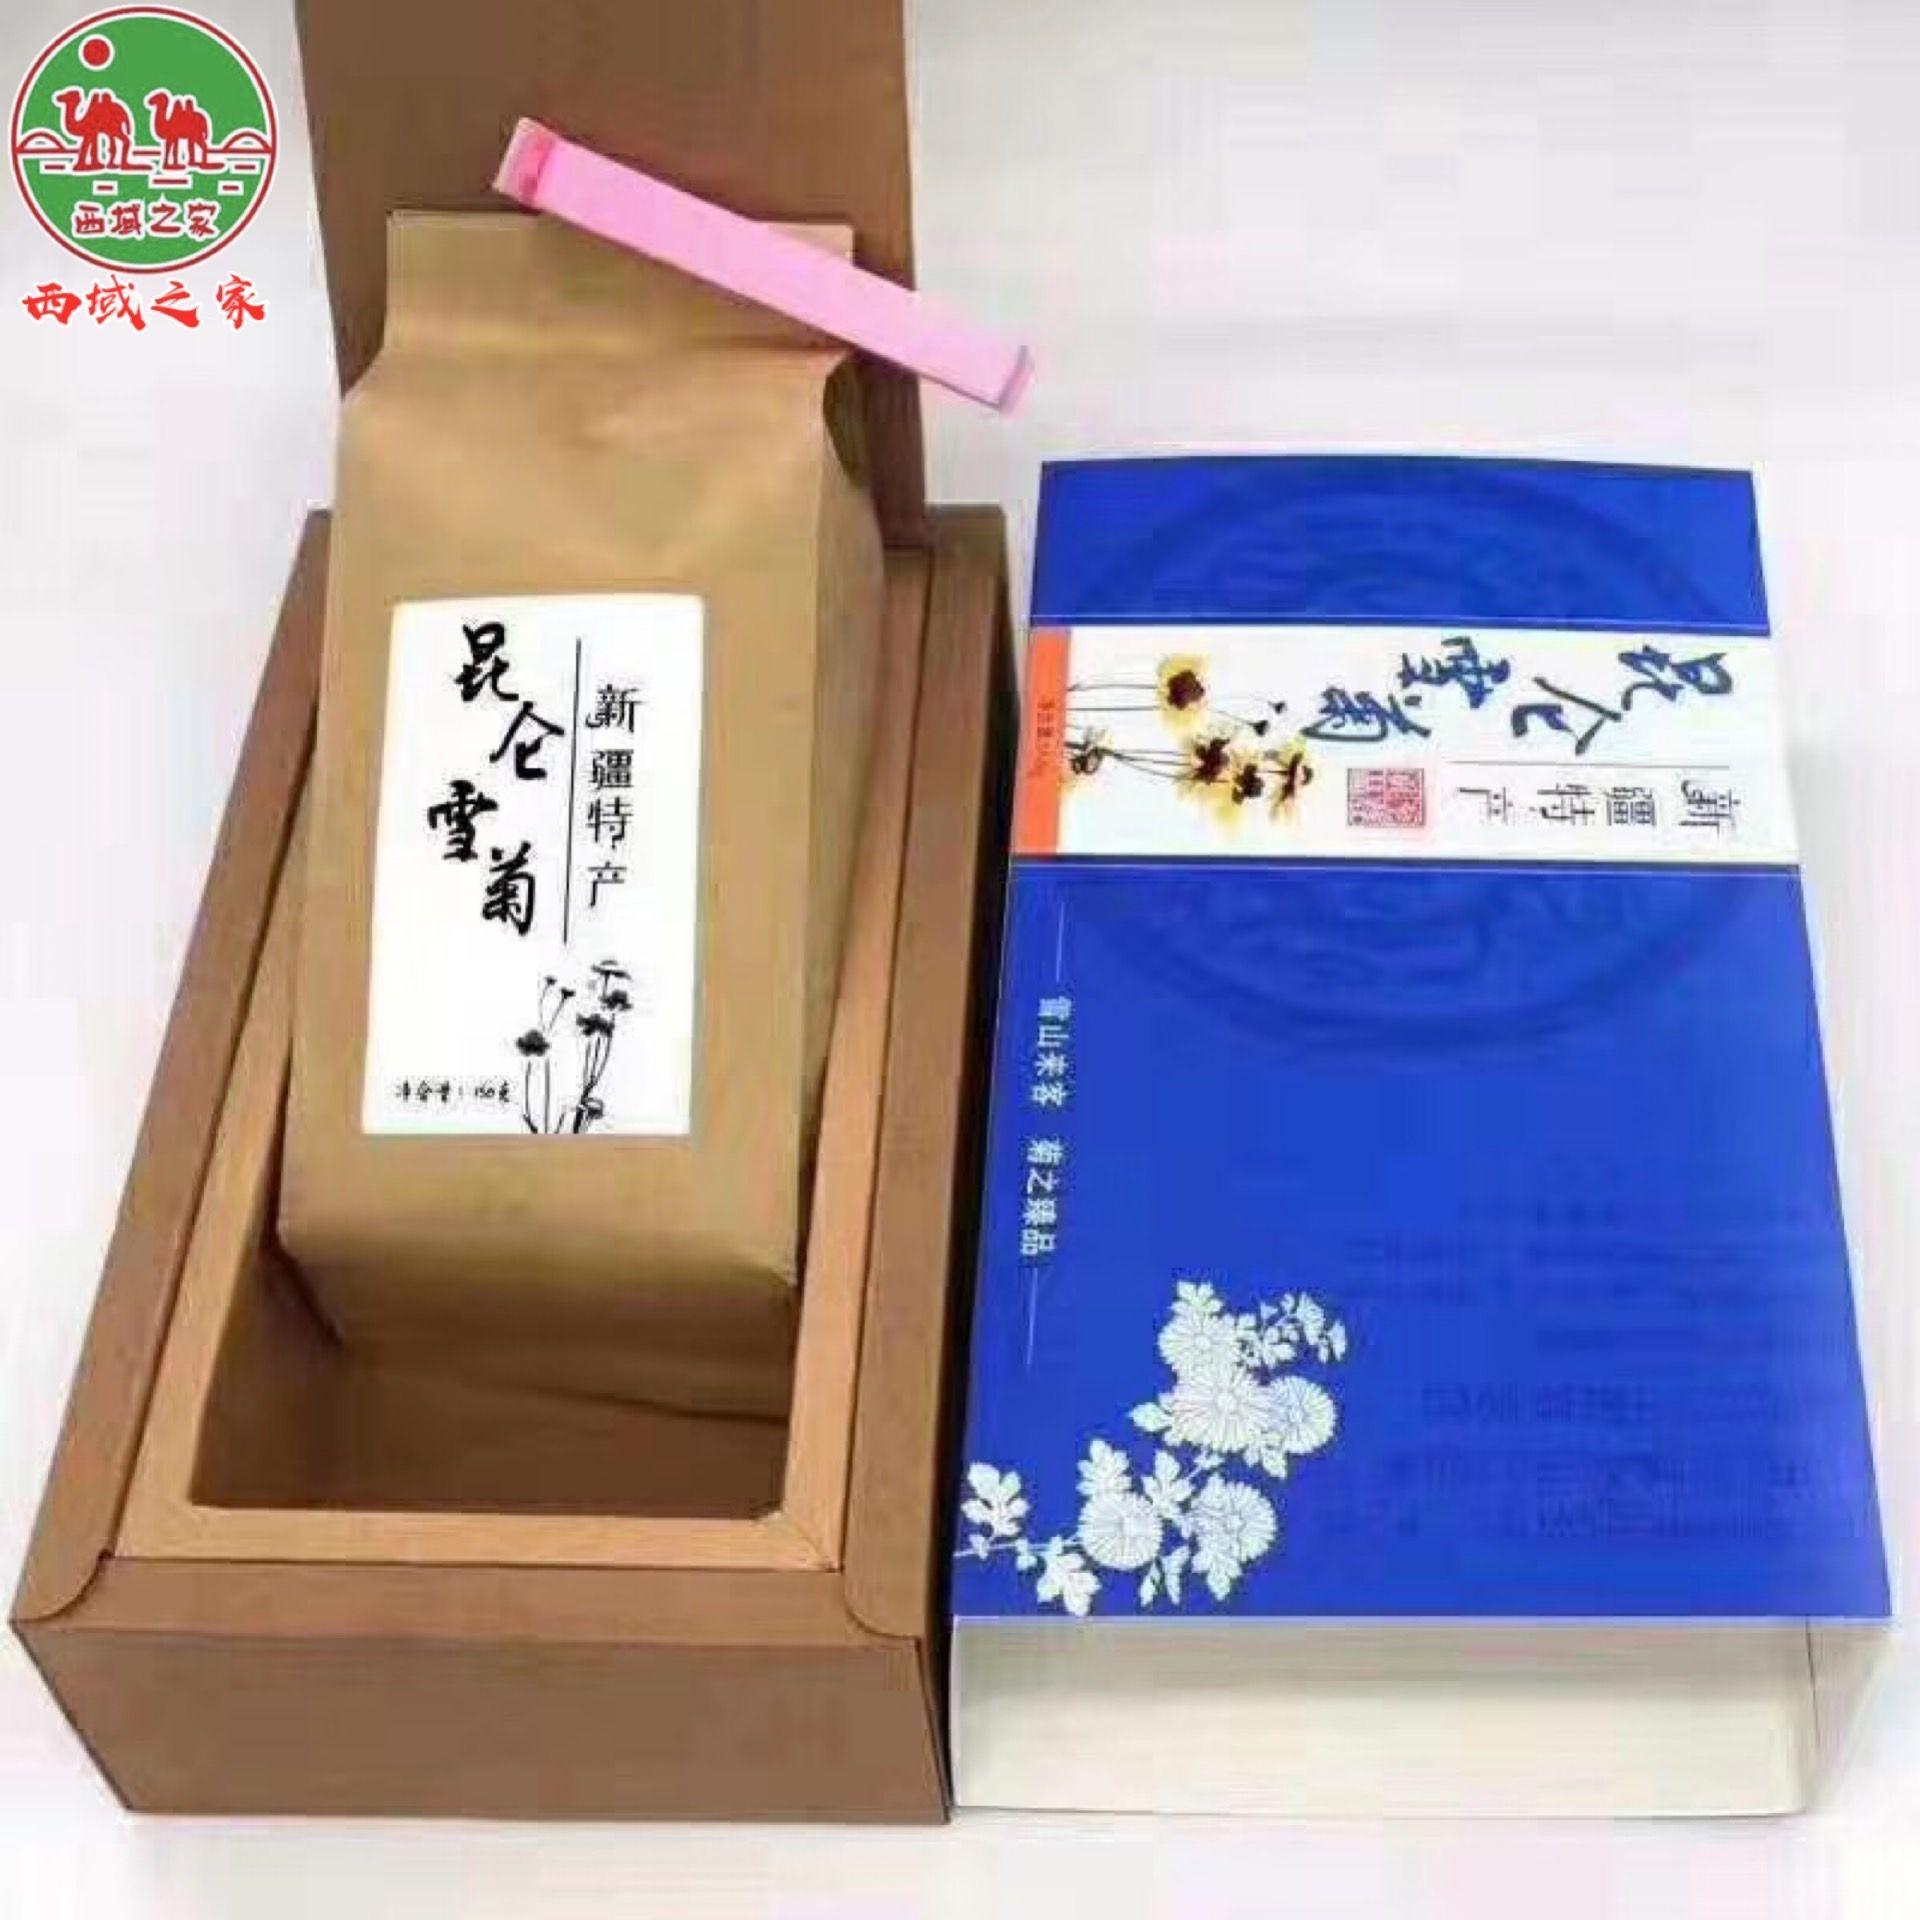 昆仑雪菊礼盒